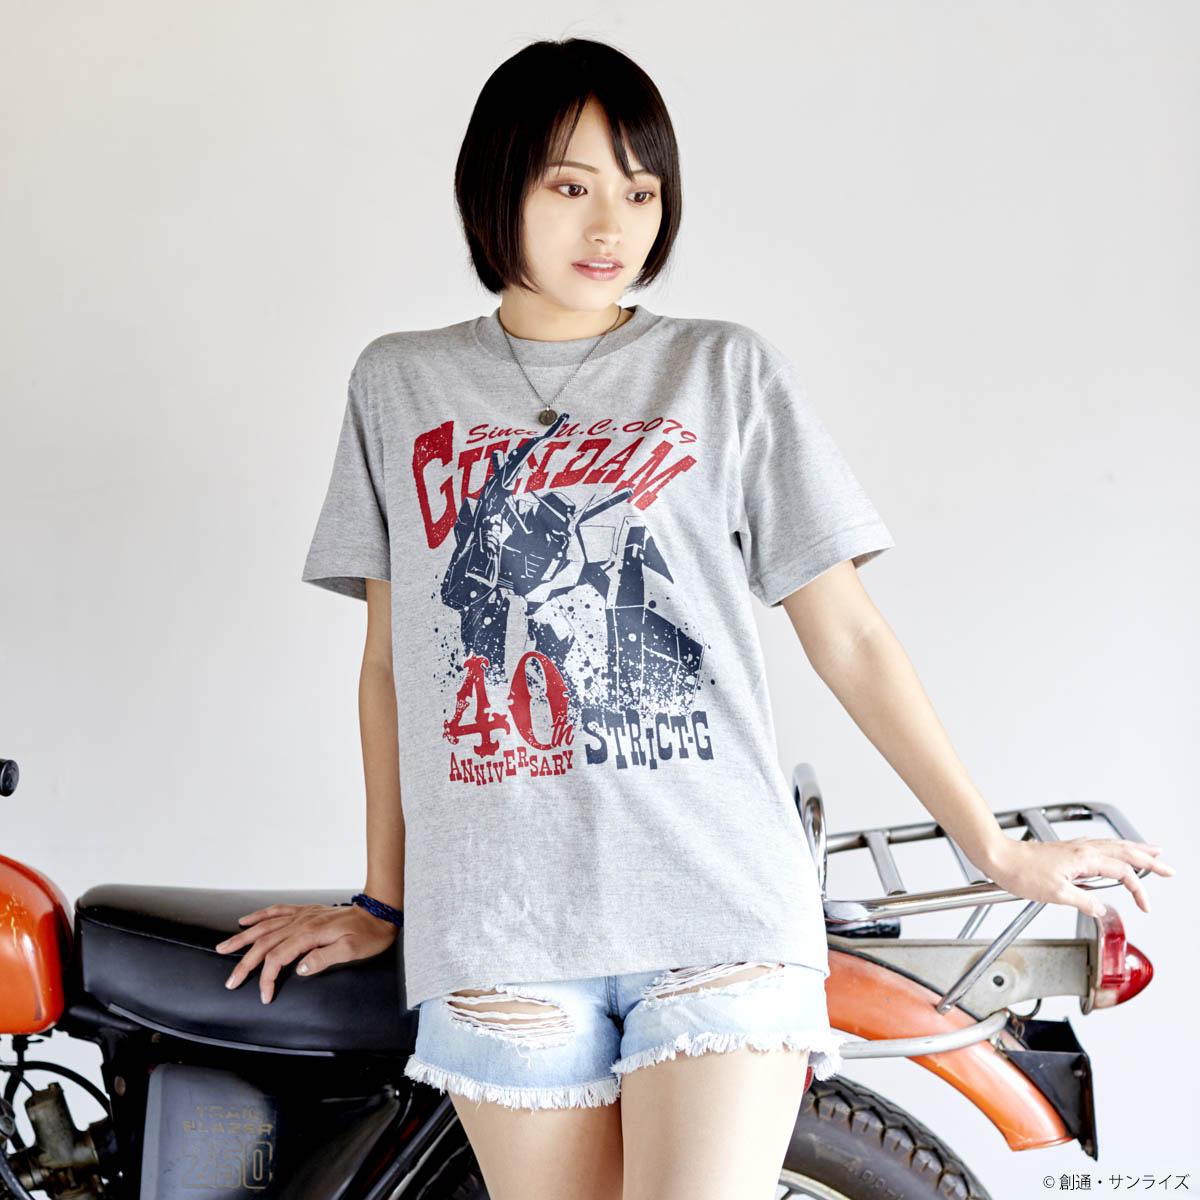 『機動戦士ガンダム』40周年記念 コンバット柄Tシャツ ガンダム